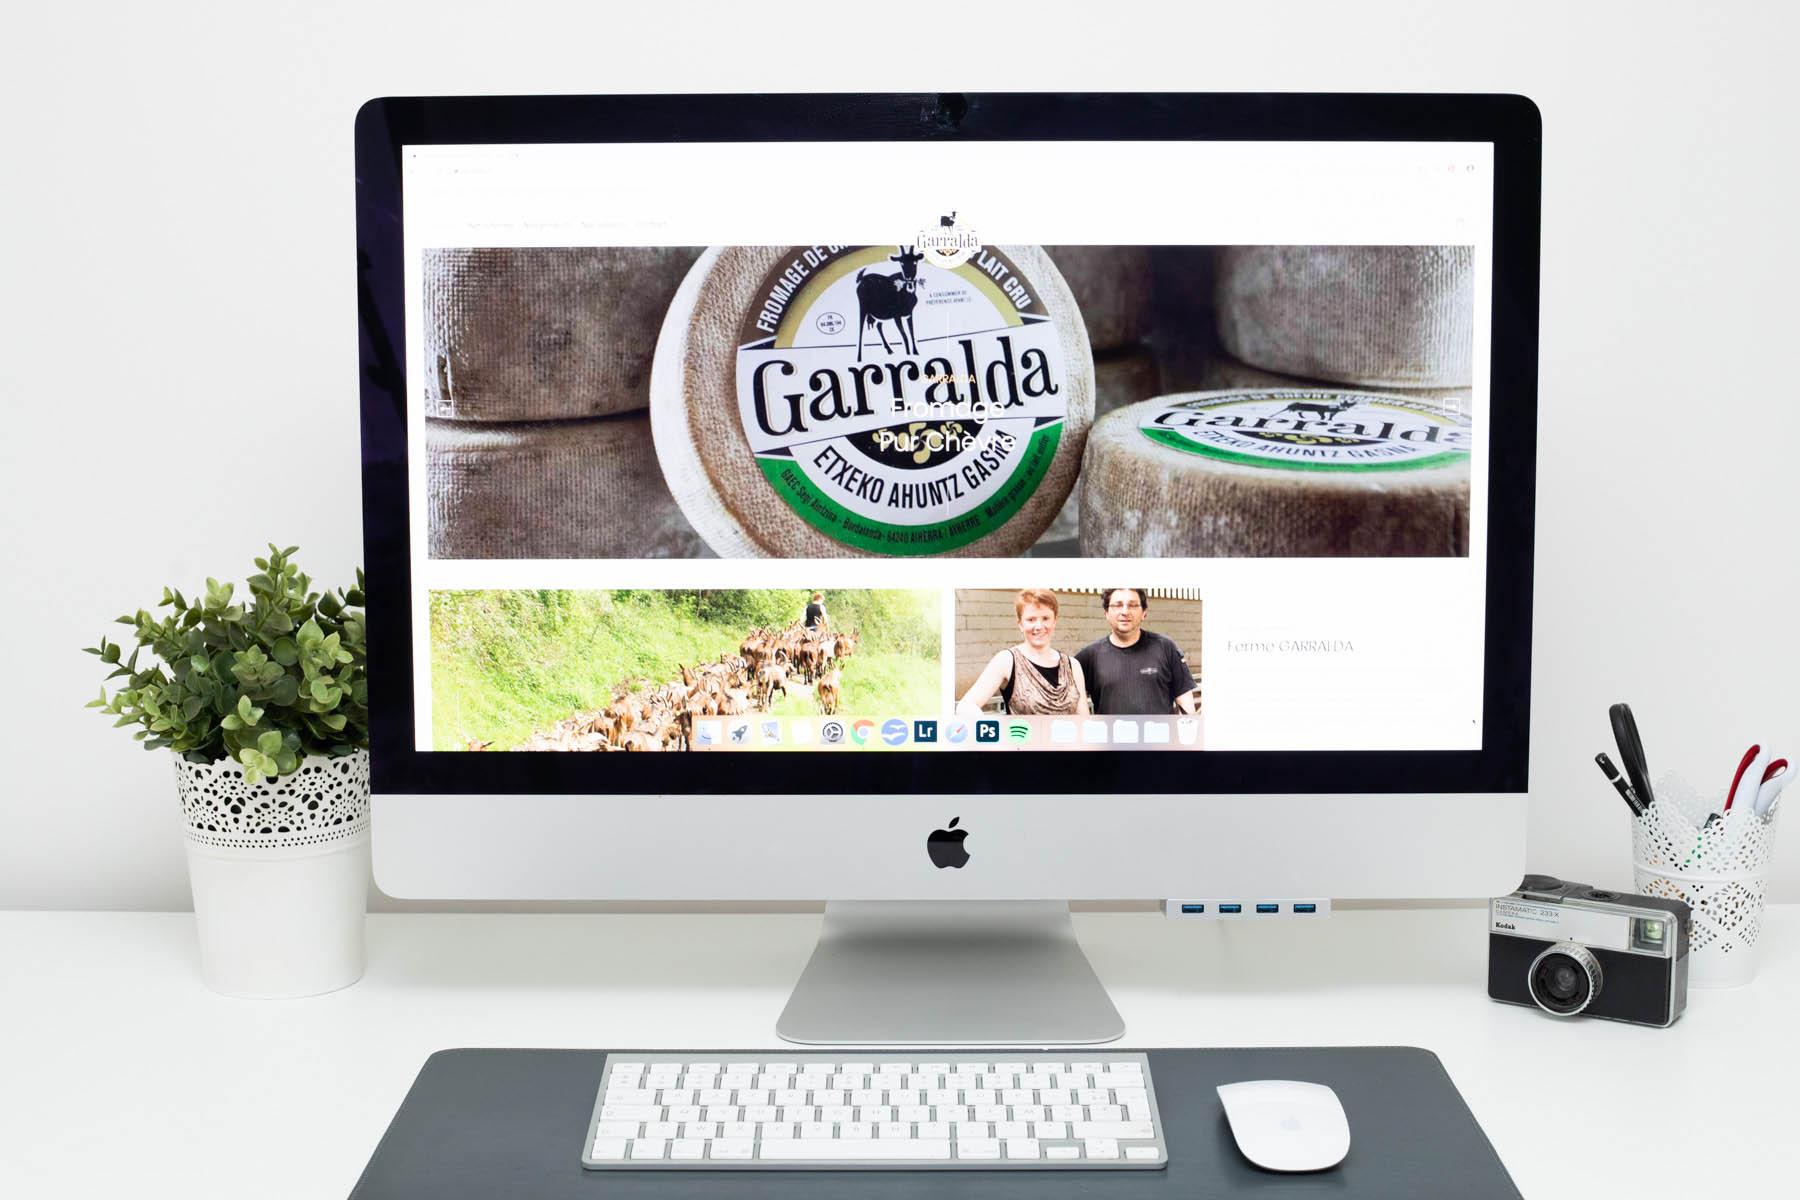 capture d'écran du site internet de la ferme garralda au pays basque par Carole photo